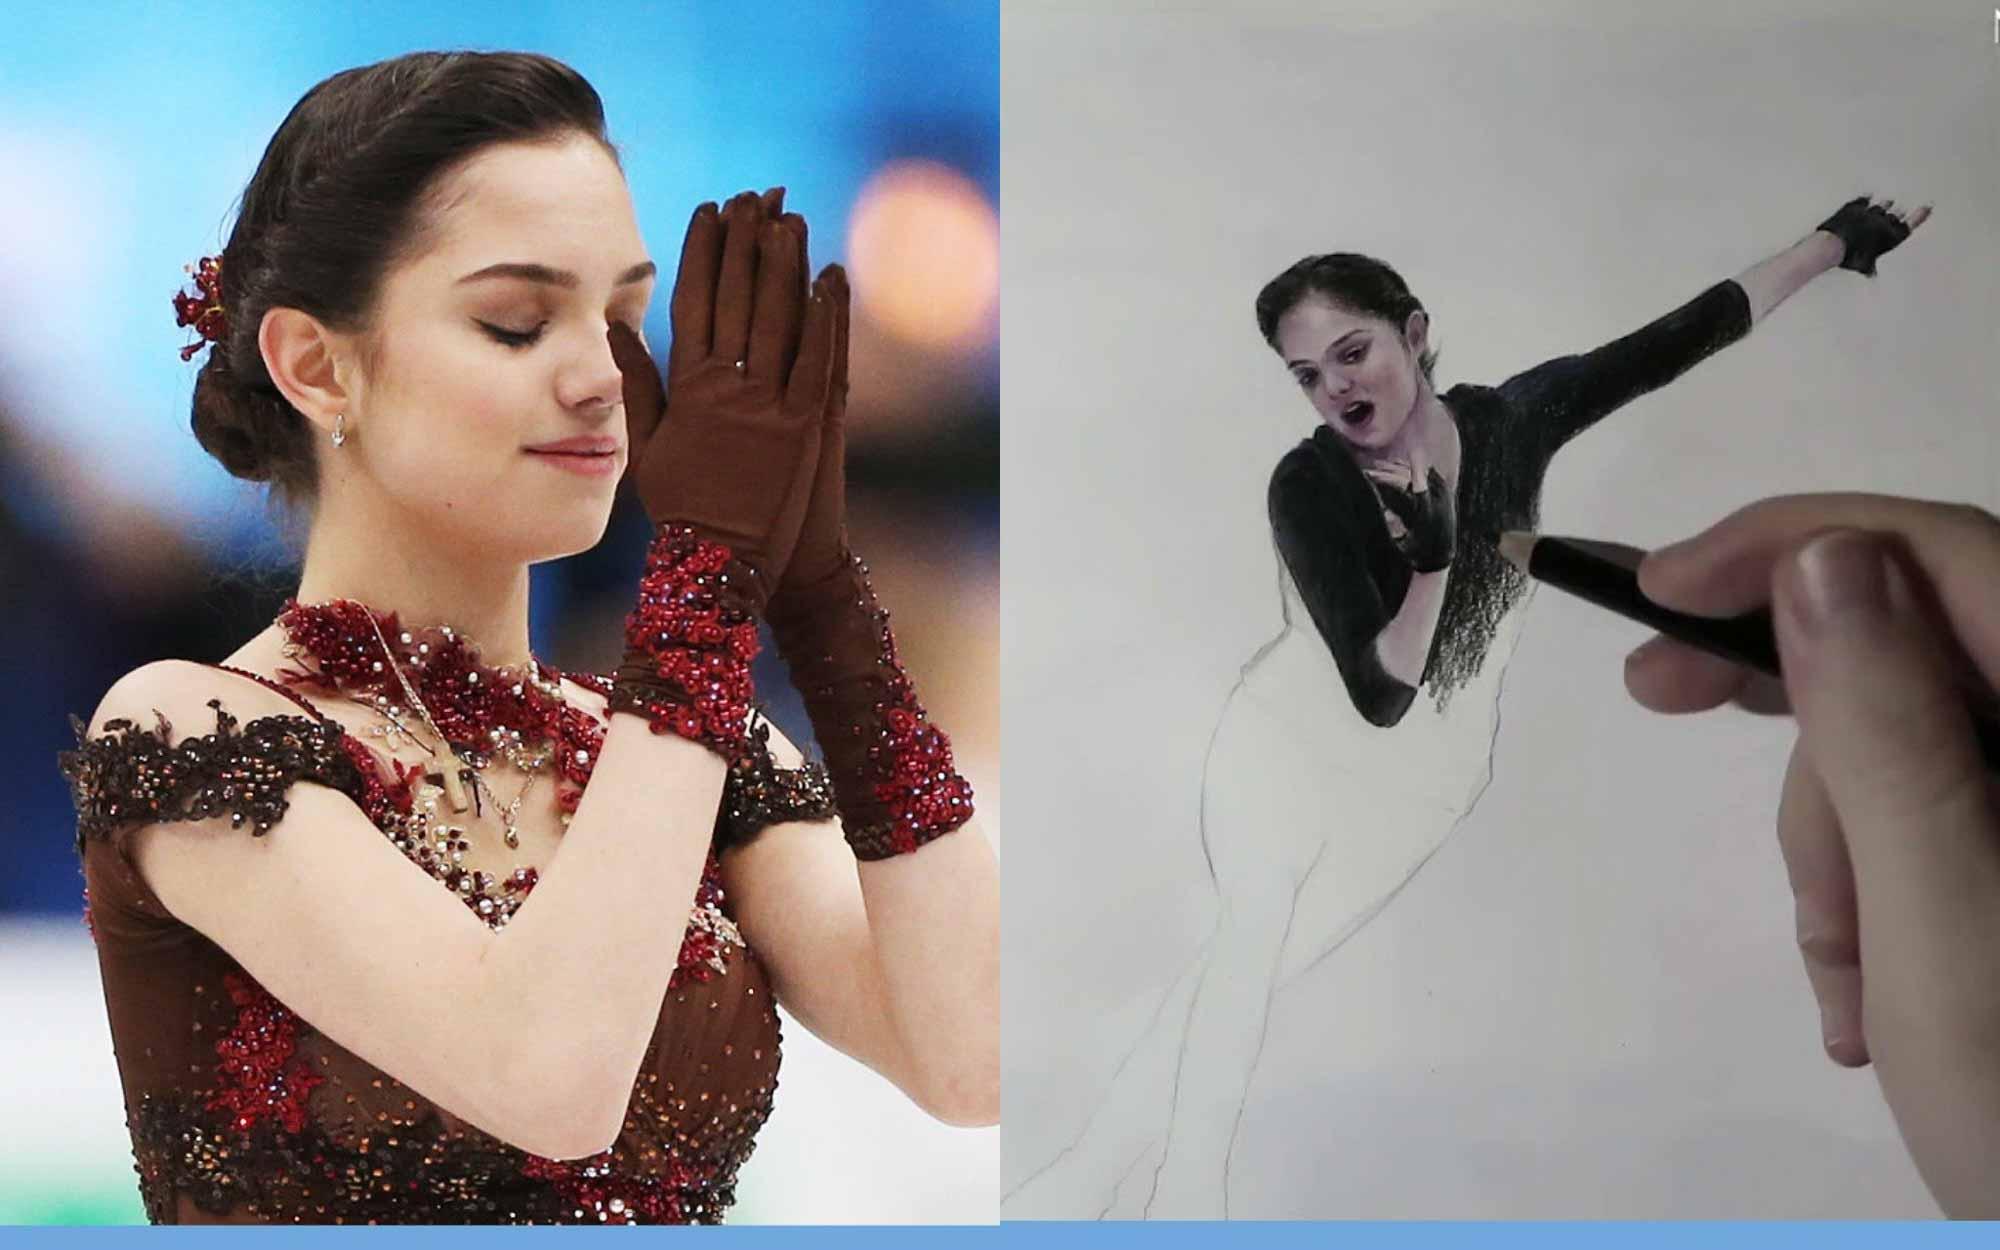 Медведев показал, от какой работы она отказалась от фигуры